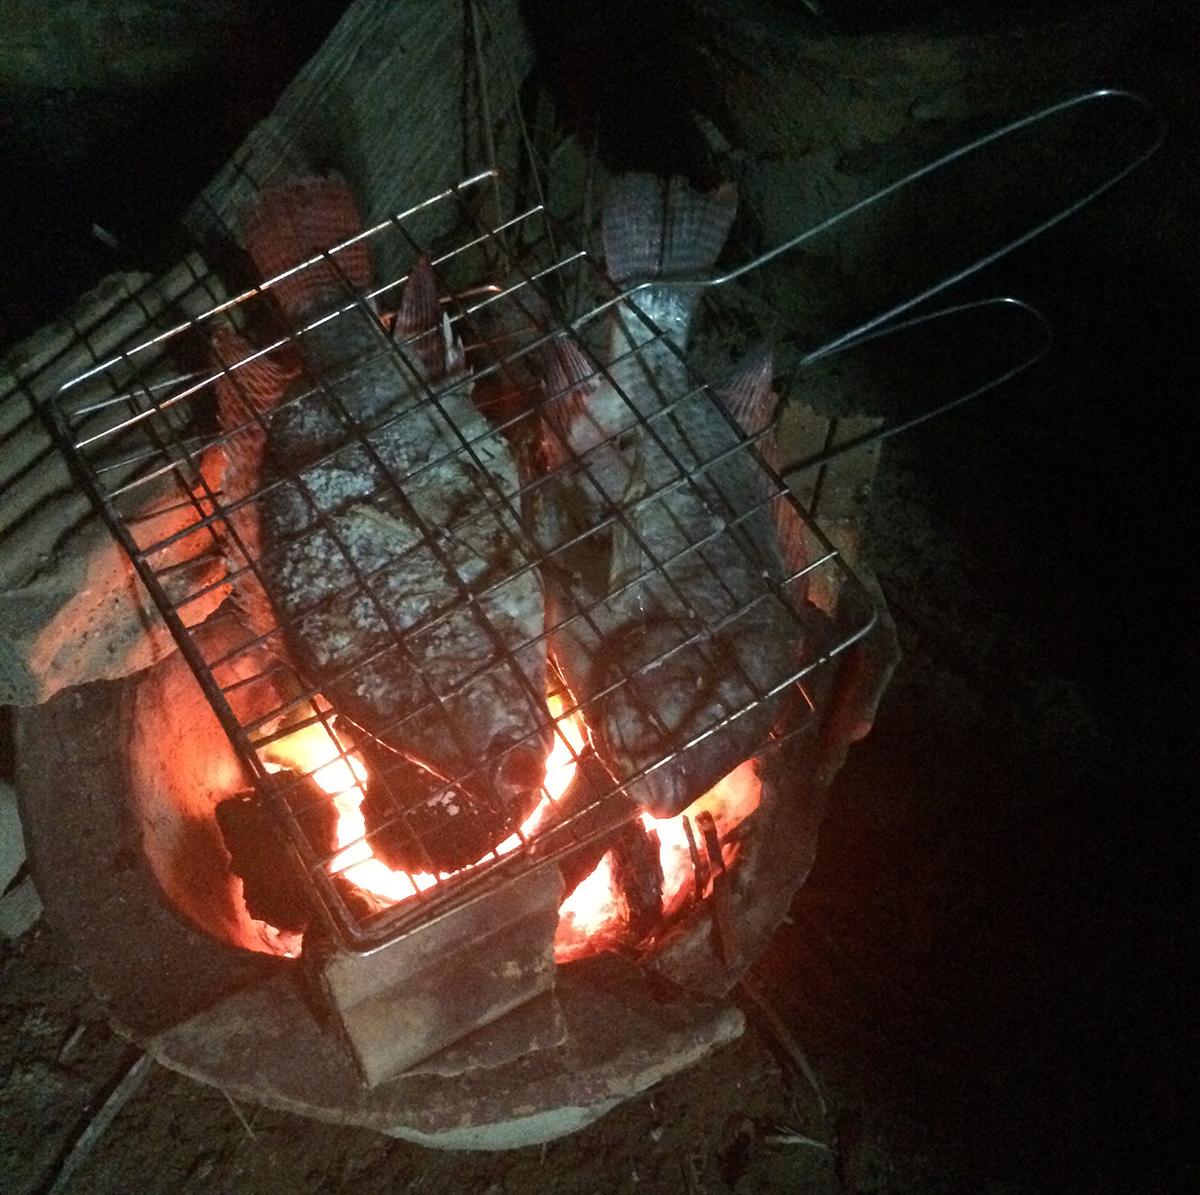 Fish roasting